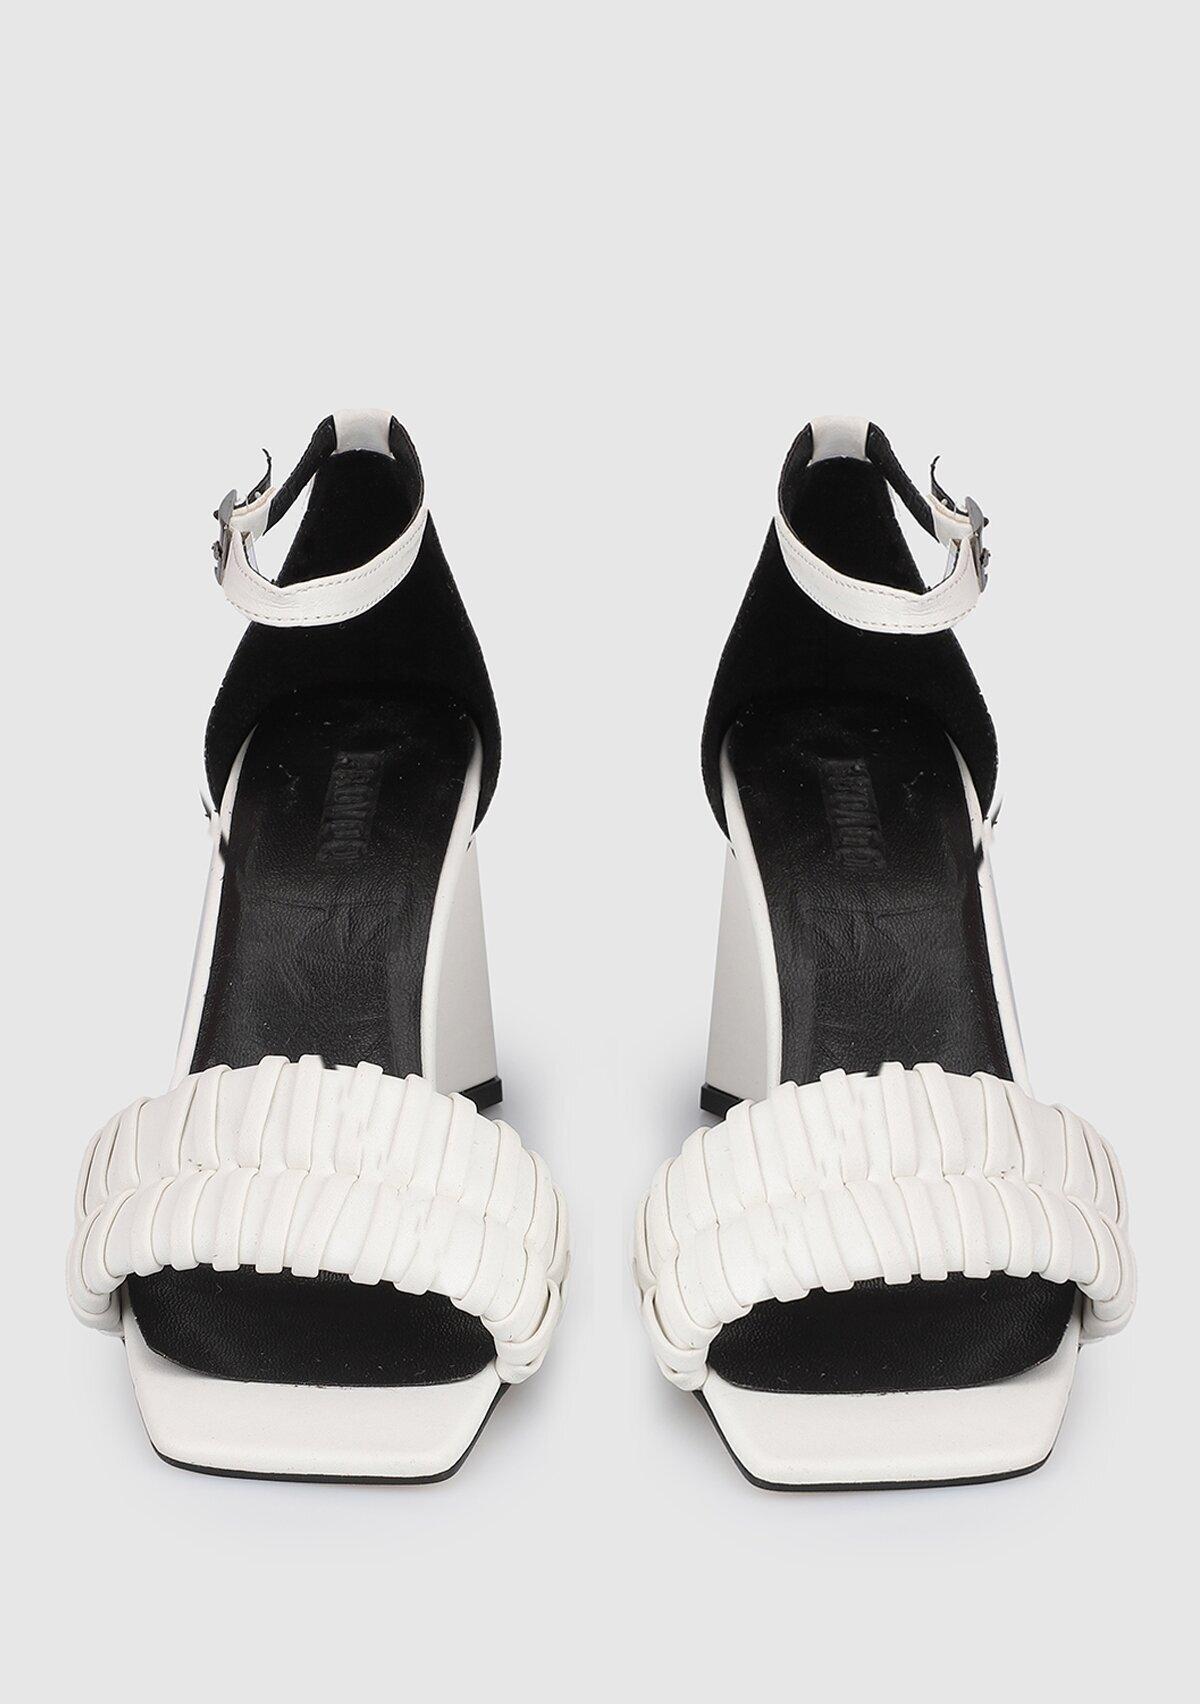 resm Kırık Beyaz Kadın Topuklu Sandalet